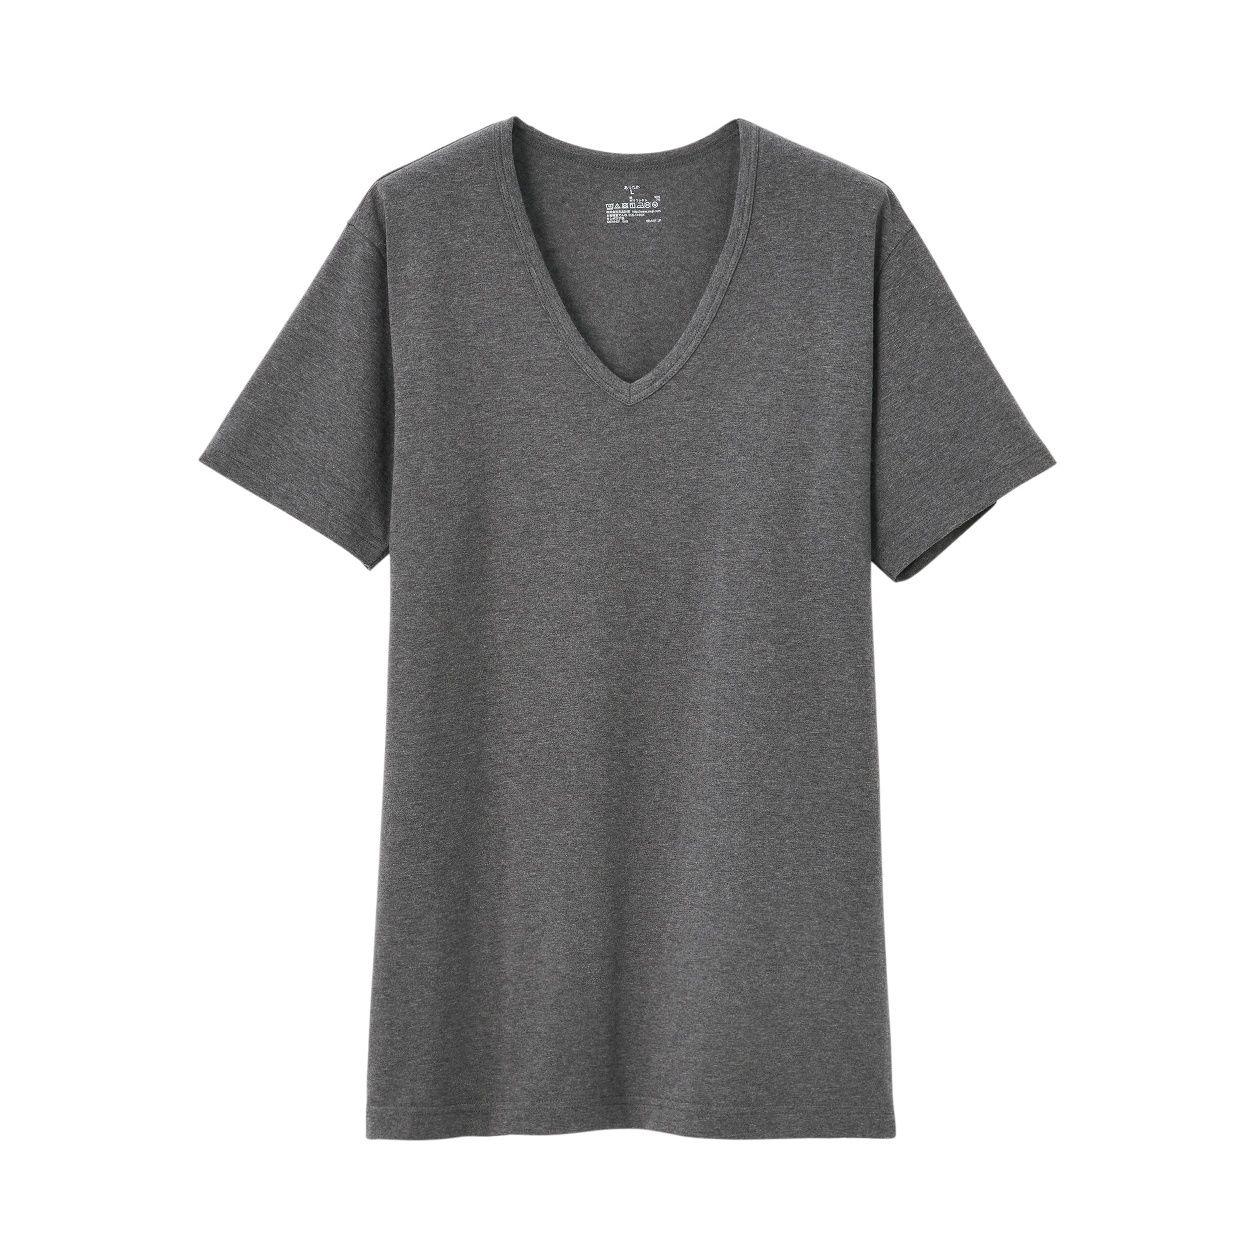 綿であったかVネック半袖Tシャツカラー写真02